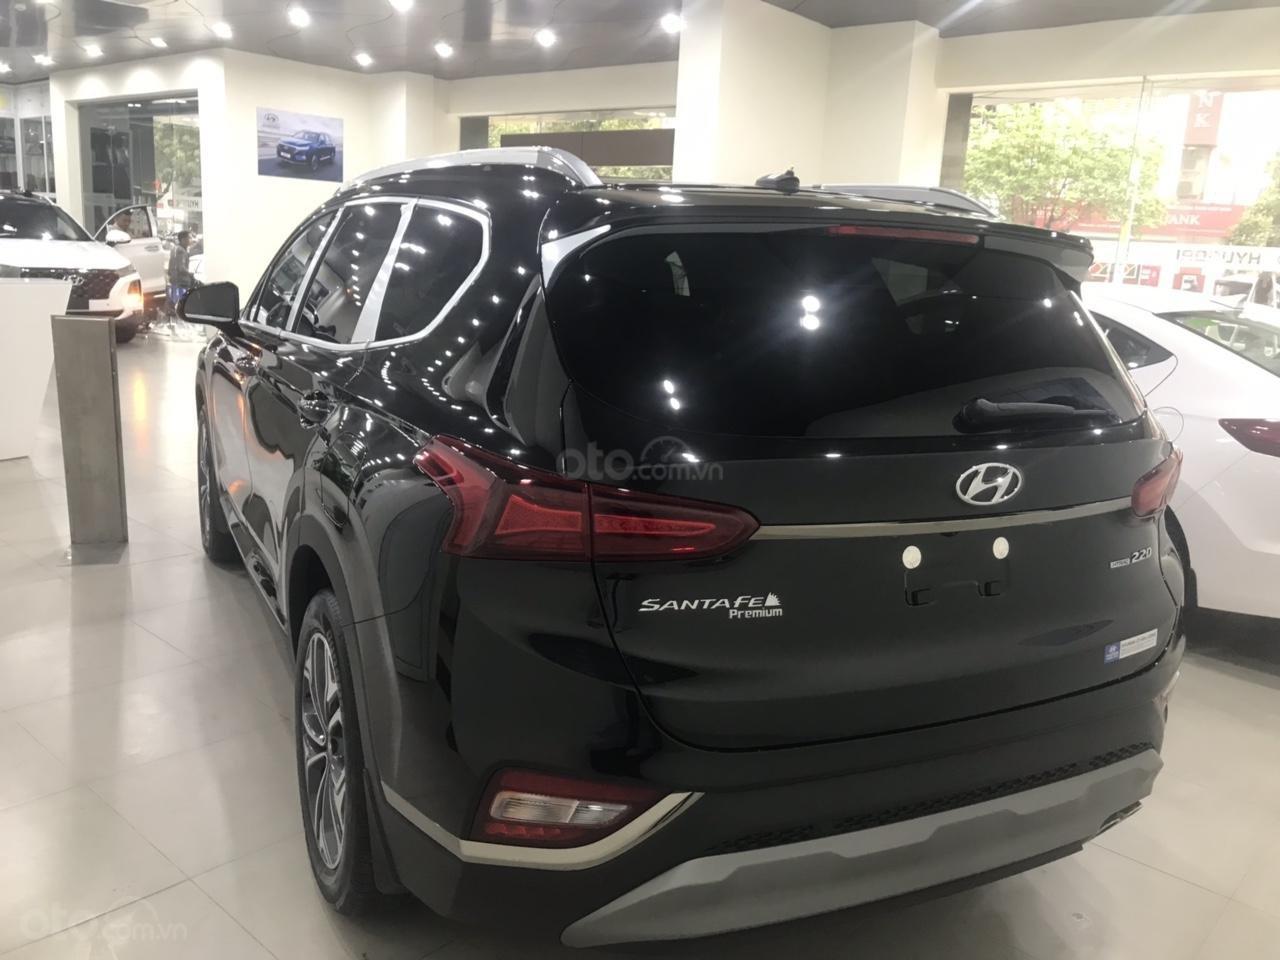 Hyundai Santa Fe 2019 bản Premium máy dầu cao cấp - Xe giao ngay - Nhiều ưu đãi - 0919929923-7